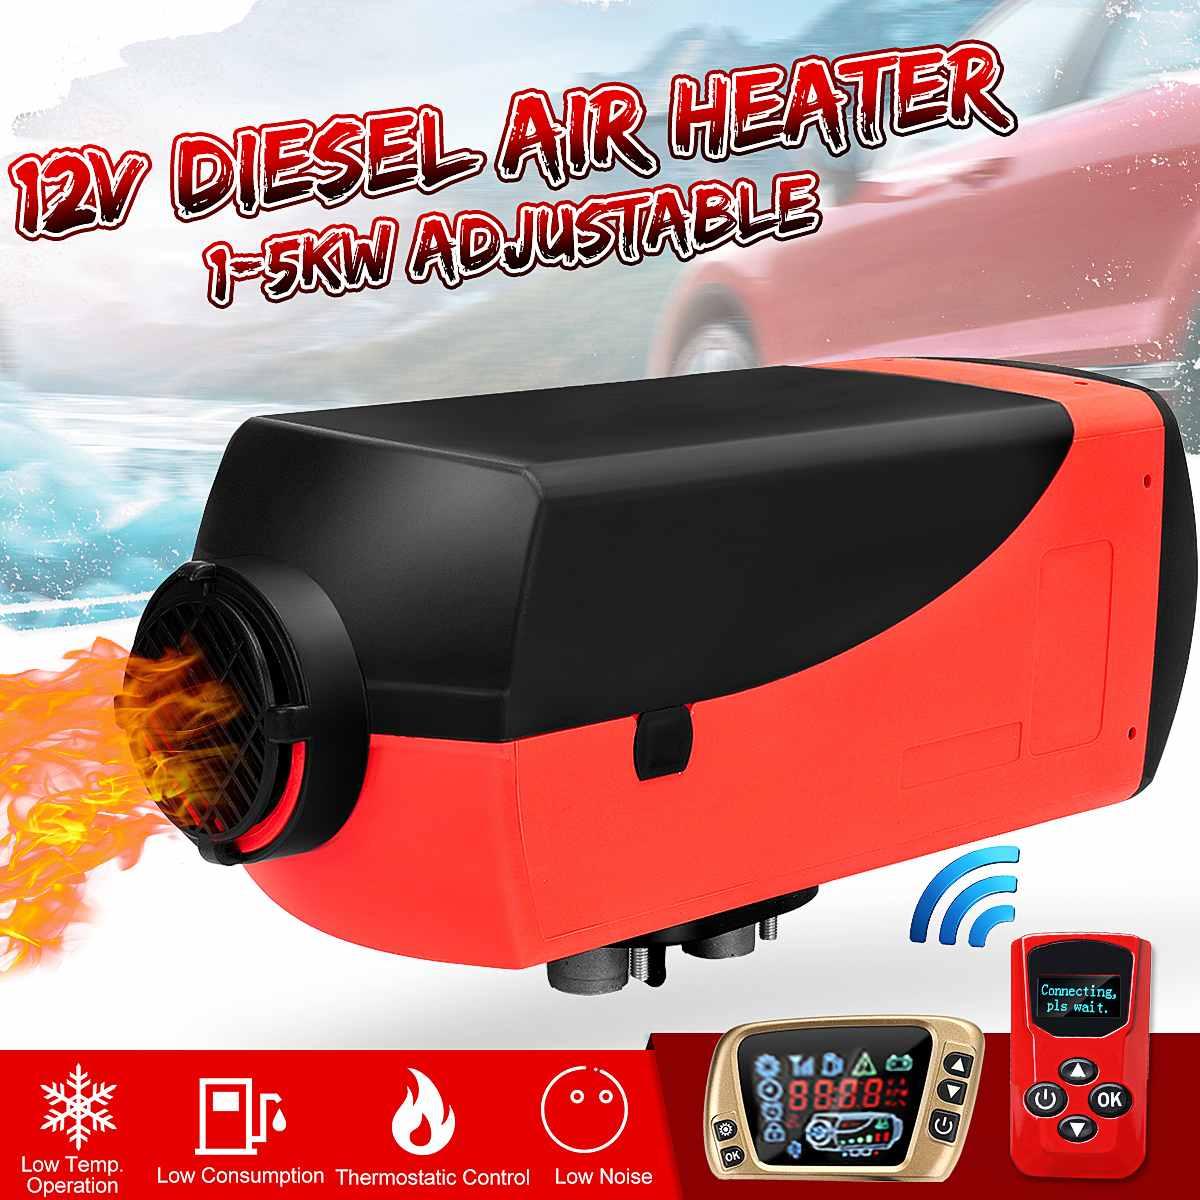 Appareil de chauffage de voiture 12 V 1KW-5KW appareil de chauffage diesel à Air unique réglable + interrupteur à clé LCD + silencieux pour camions, bateau, Bus, remorque pour camping-Car